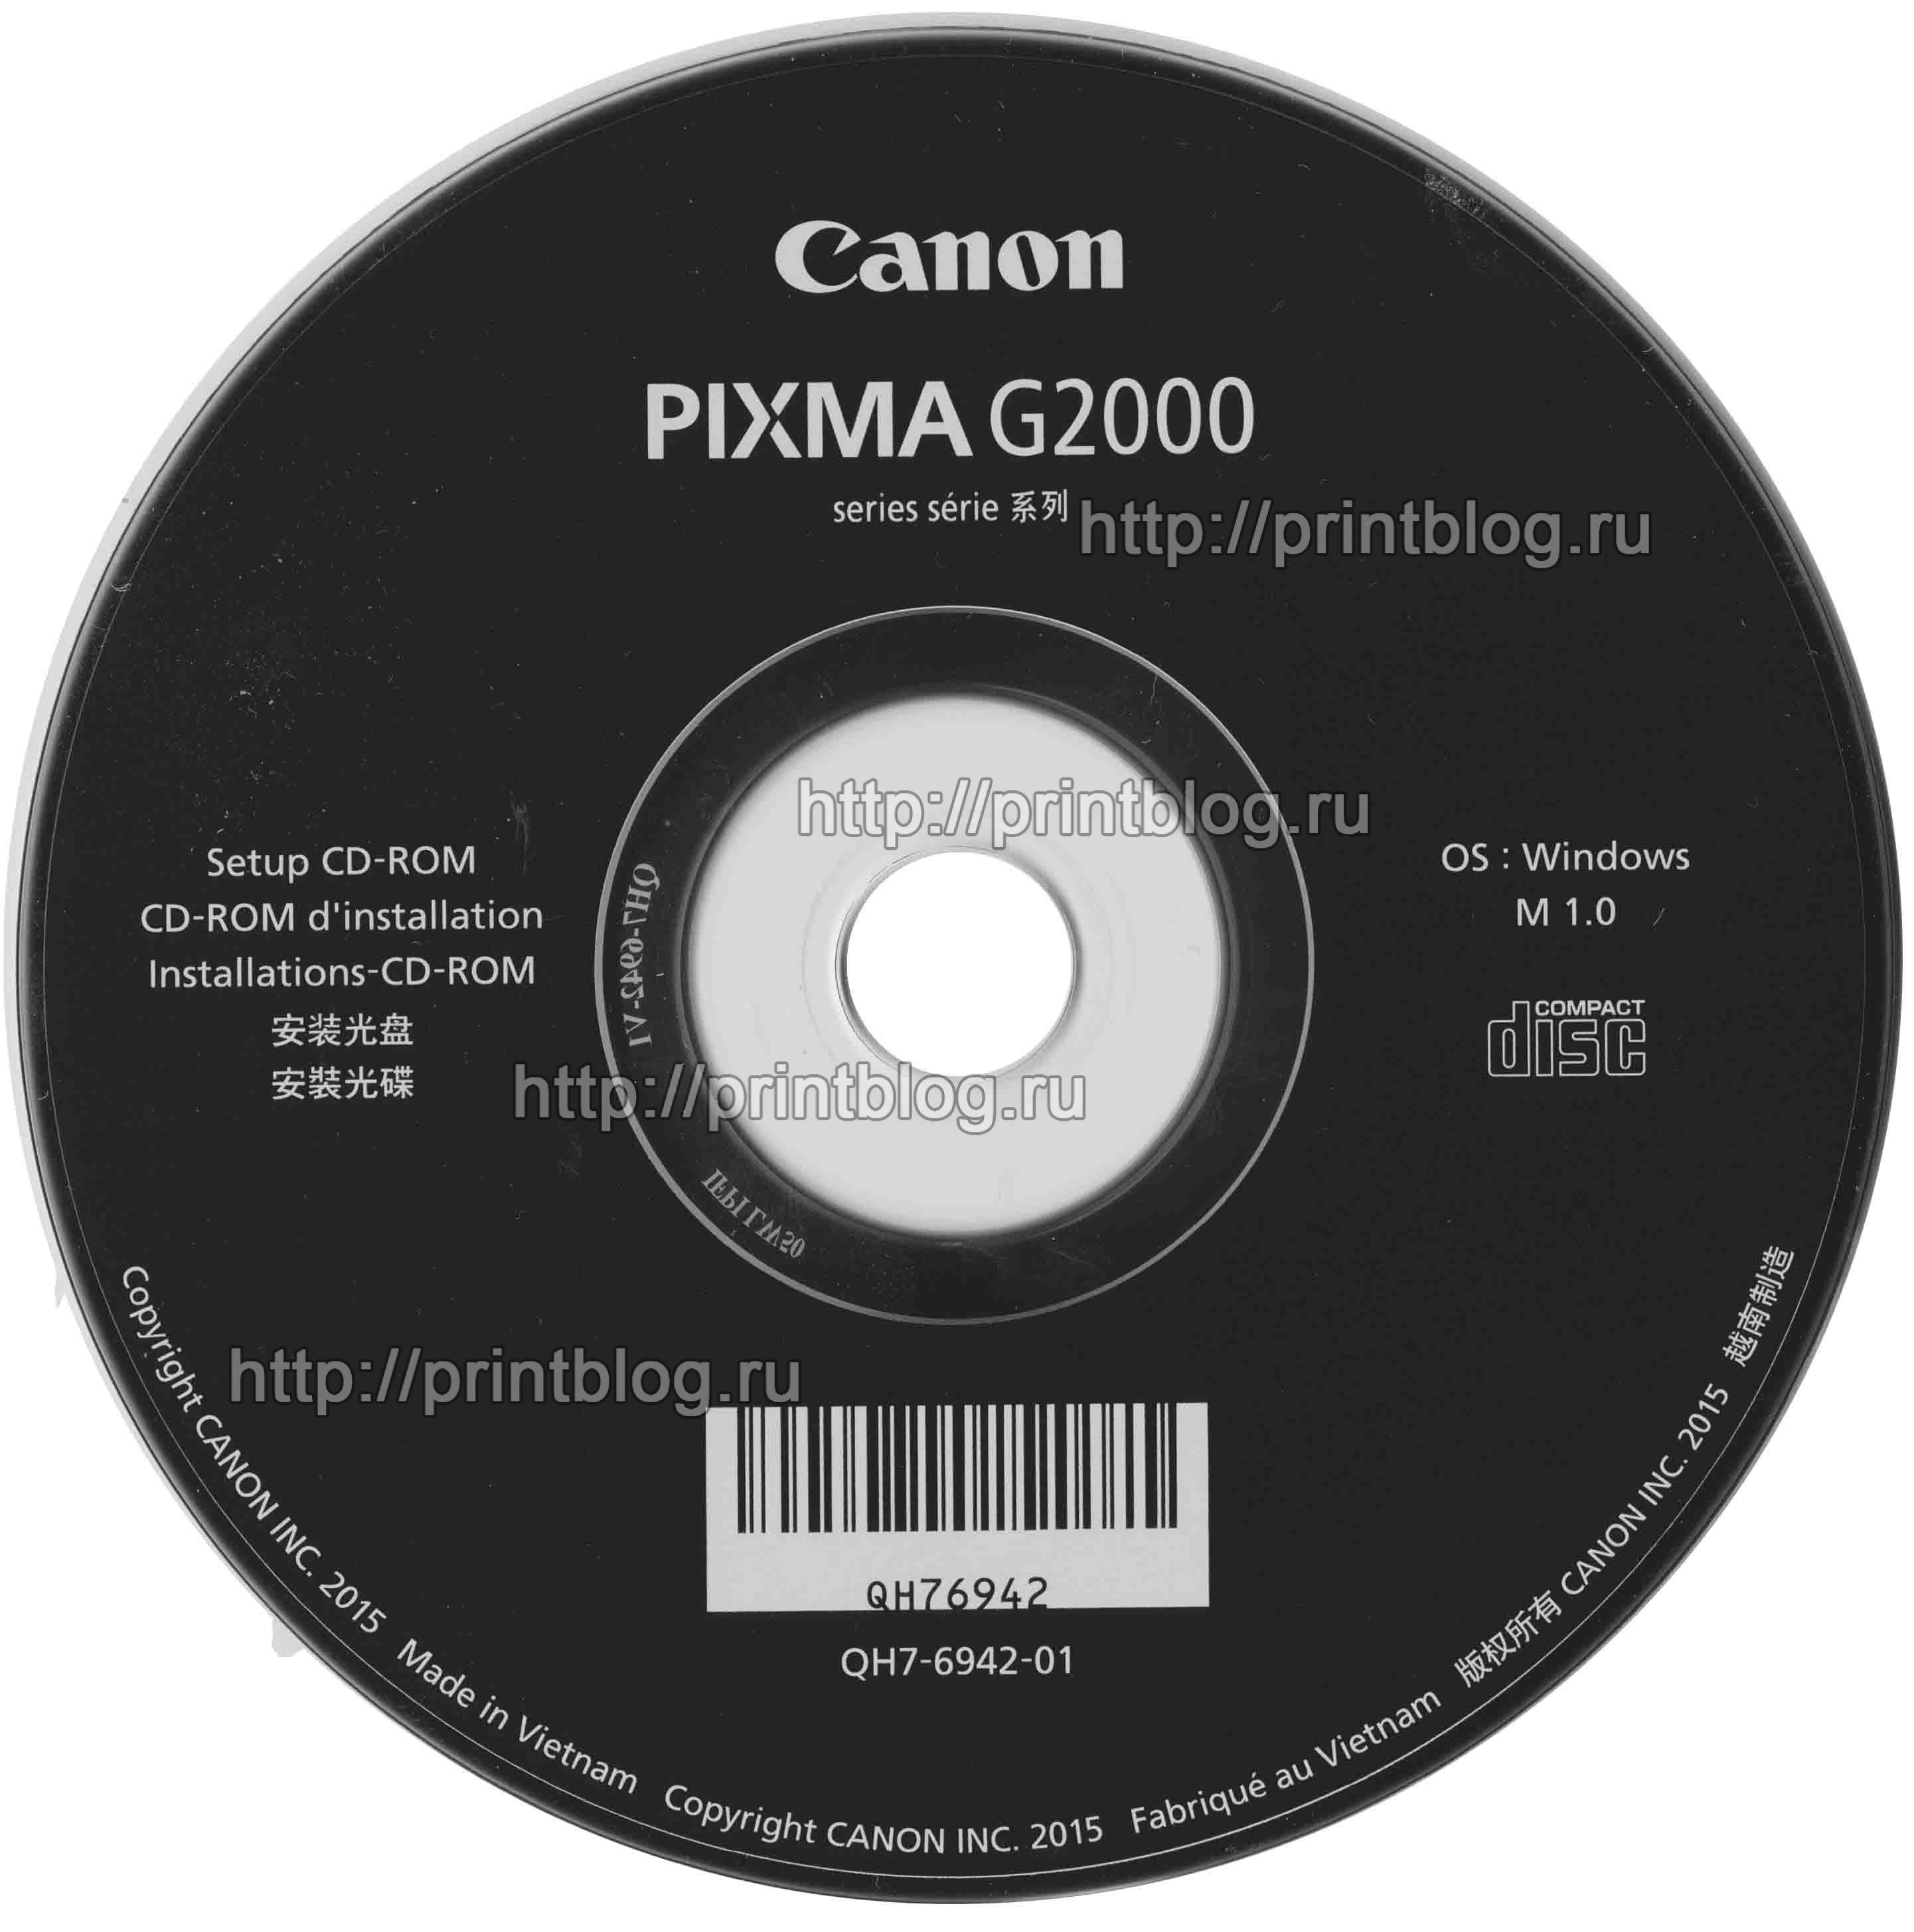 Диск с драйверами Canon G2000 G2400 printblog.ru